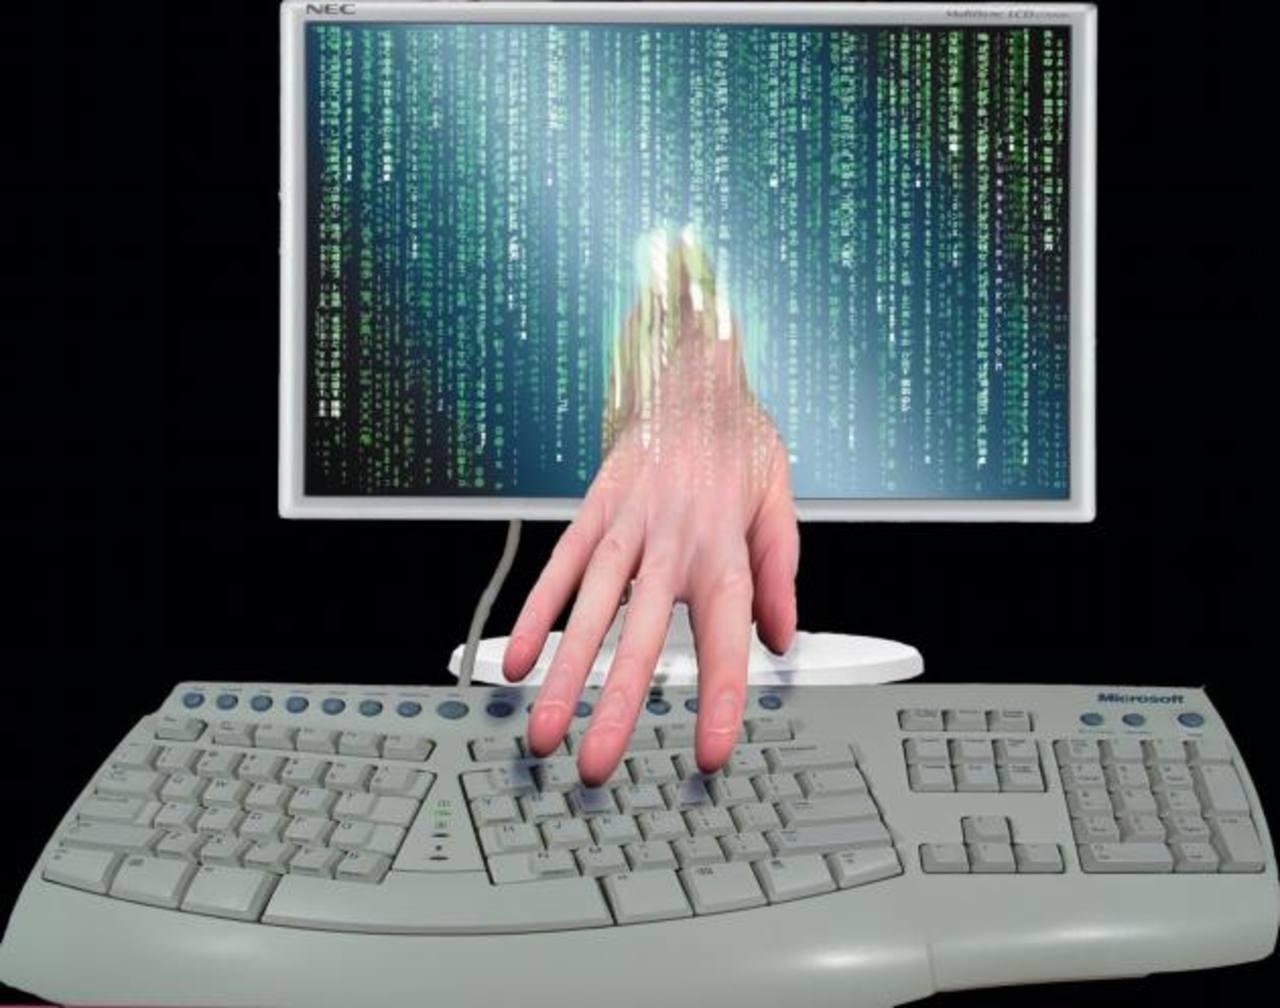 La aplicación española de mensajería instantánea conquista el 4 % del mercado español. Instituciones como Wordpress y al Casa Blanca han sido víctimas de los ciberataques.